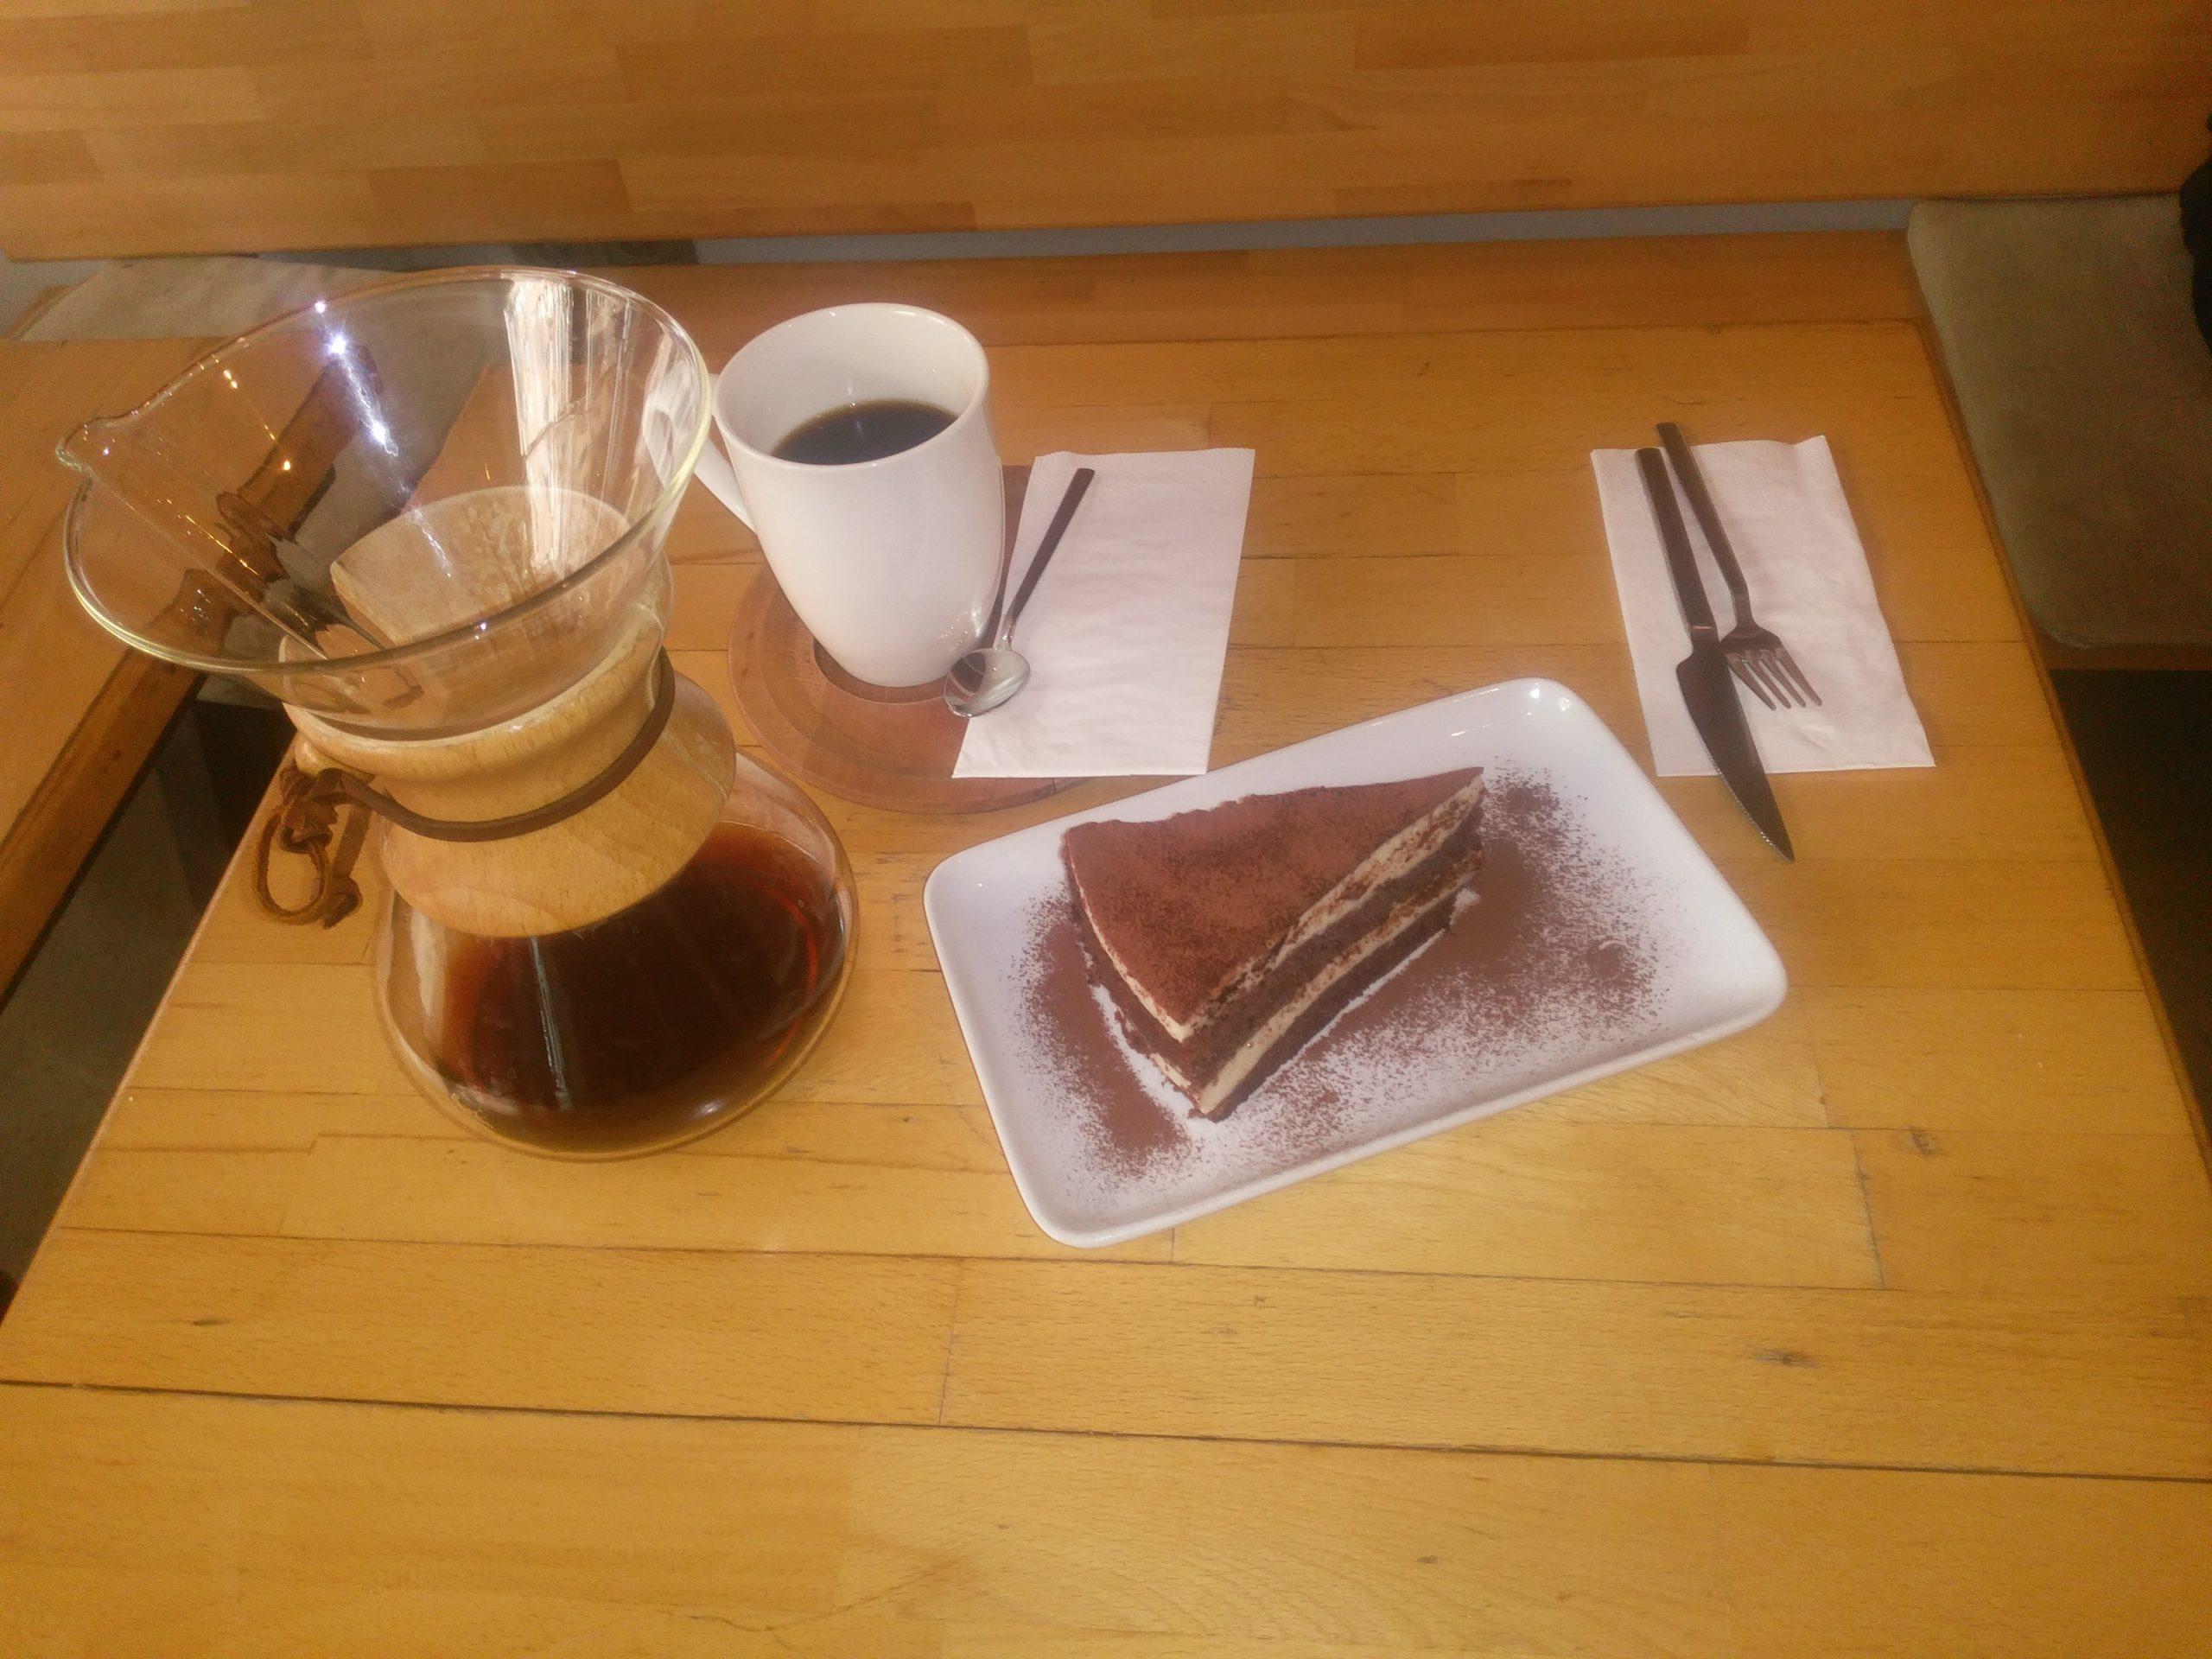 Cafe Rizz'de Tiramisu ve Chemex Yöntemi ile filtre edilmiş kahve'nin nefis tadı